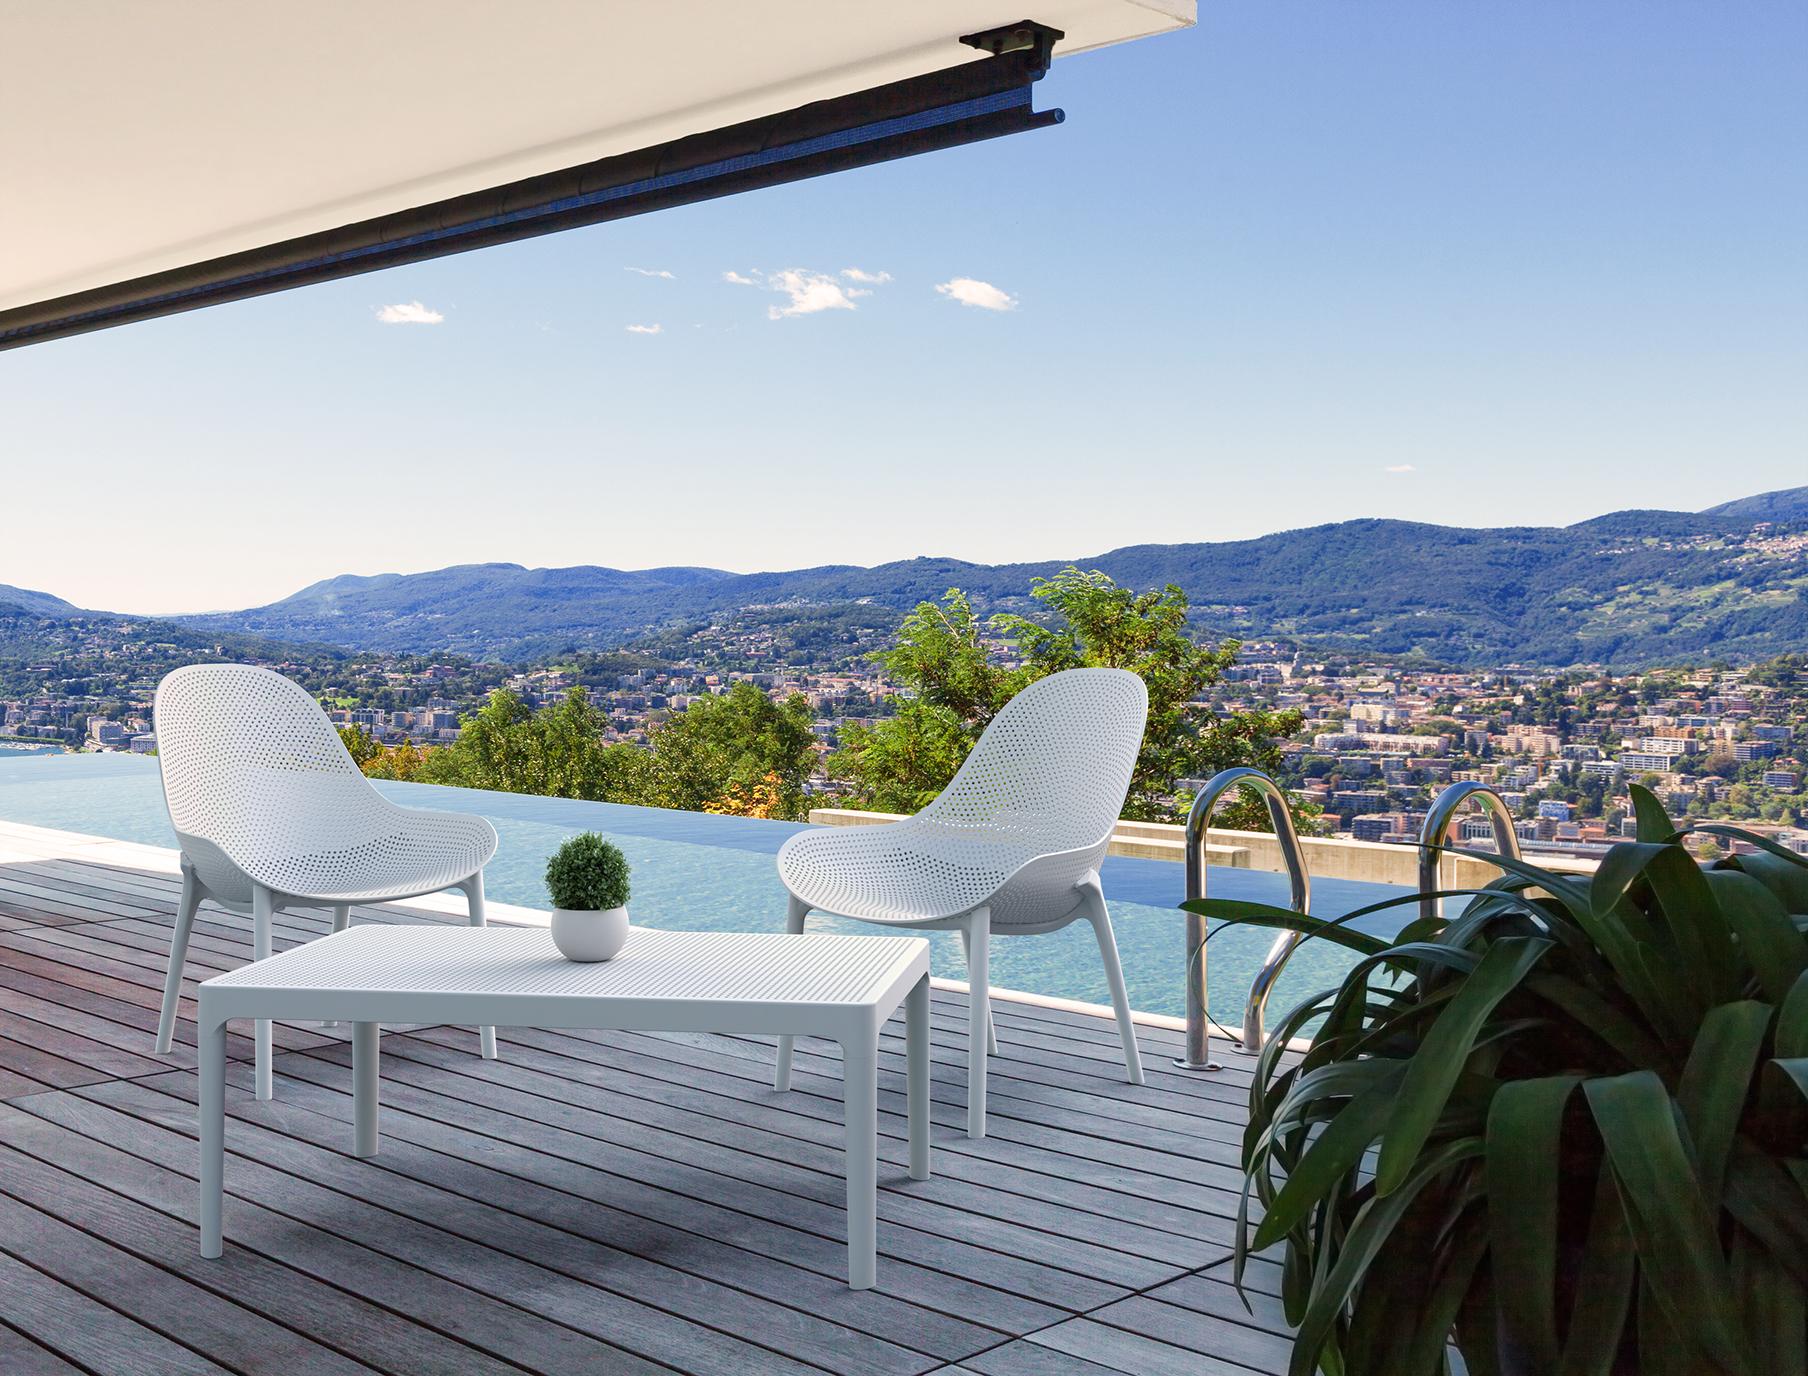 619 Sky Lounge Sky Lounge Table 1529393505